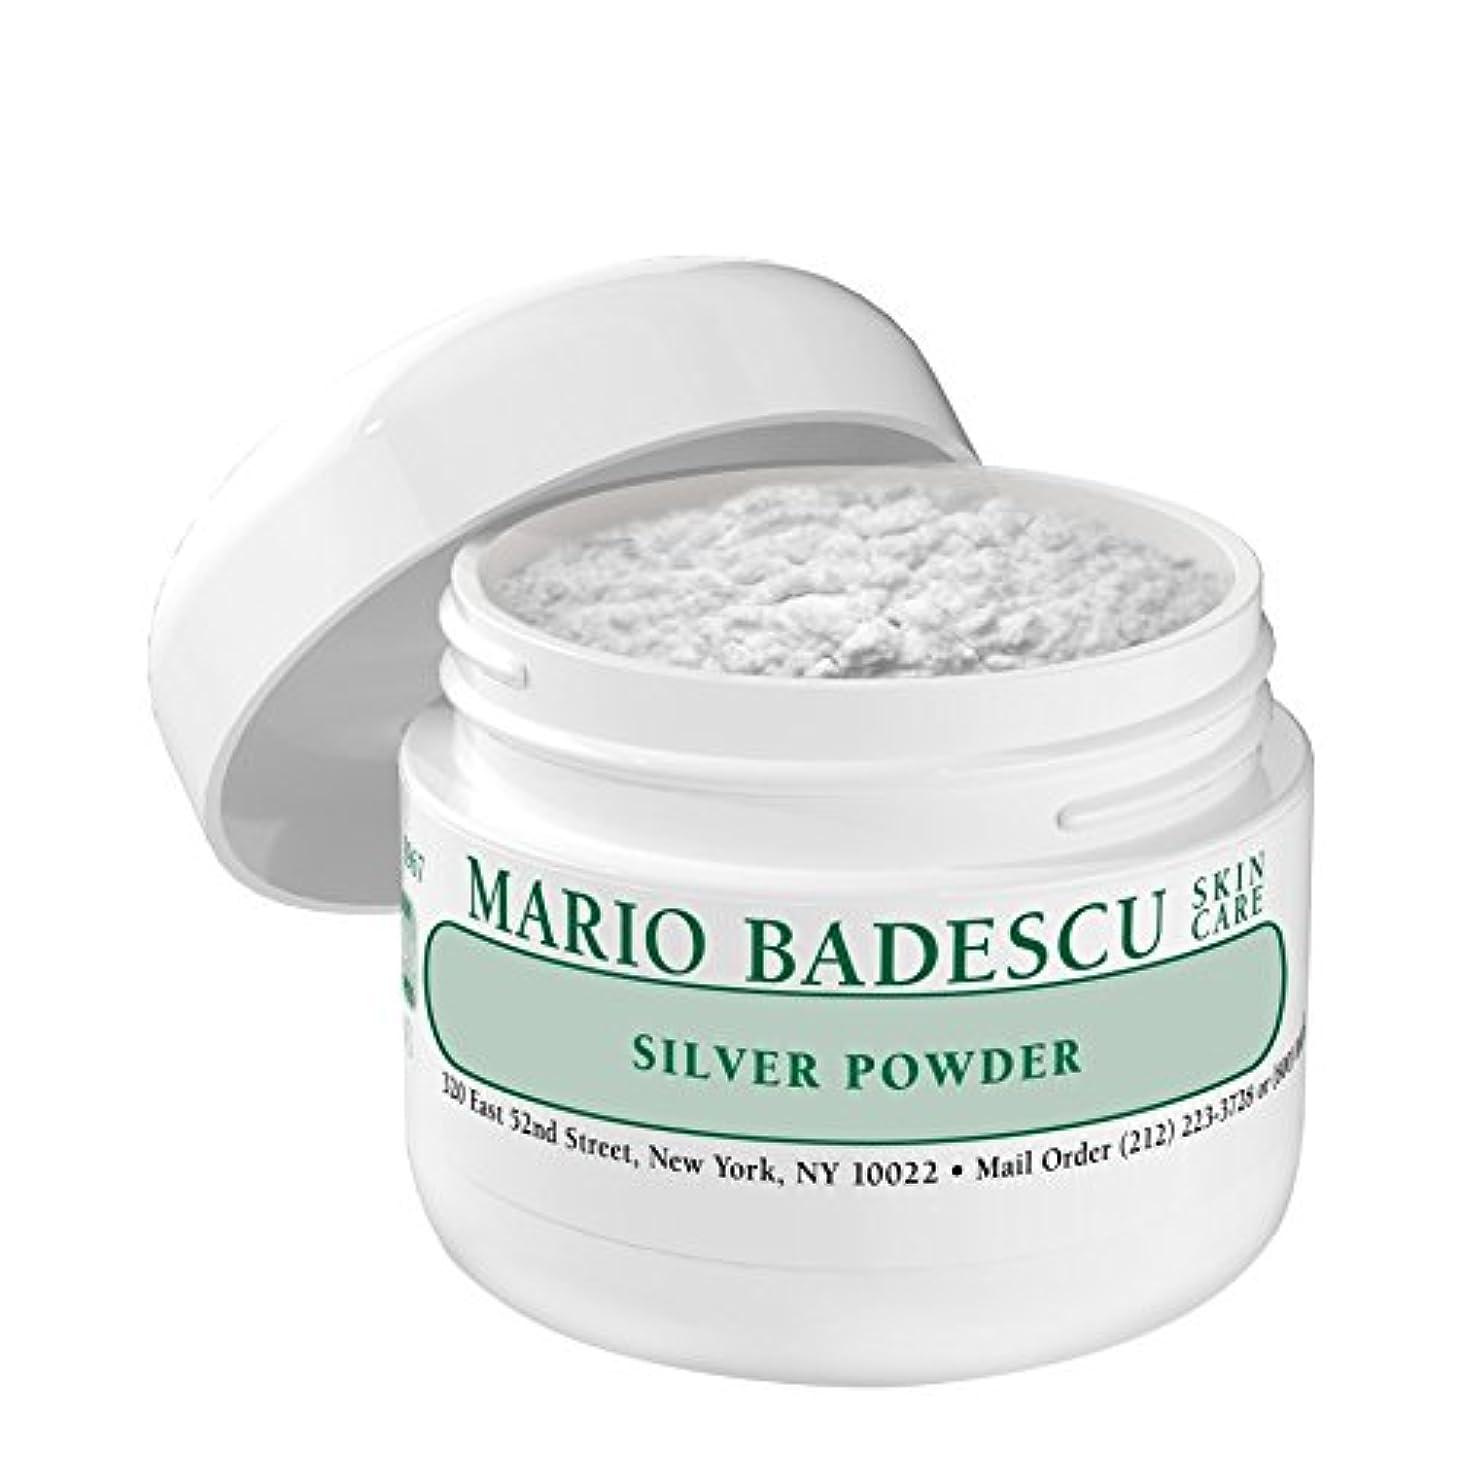 隠された財団きつくマリオ?バデスキュー銀粉末 x4 - Mario Badescu Silver Powder (Pack of 4) [並行輸入品]